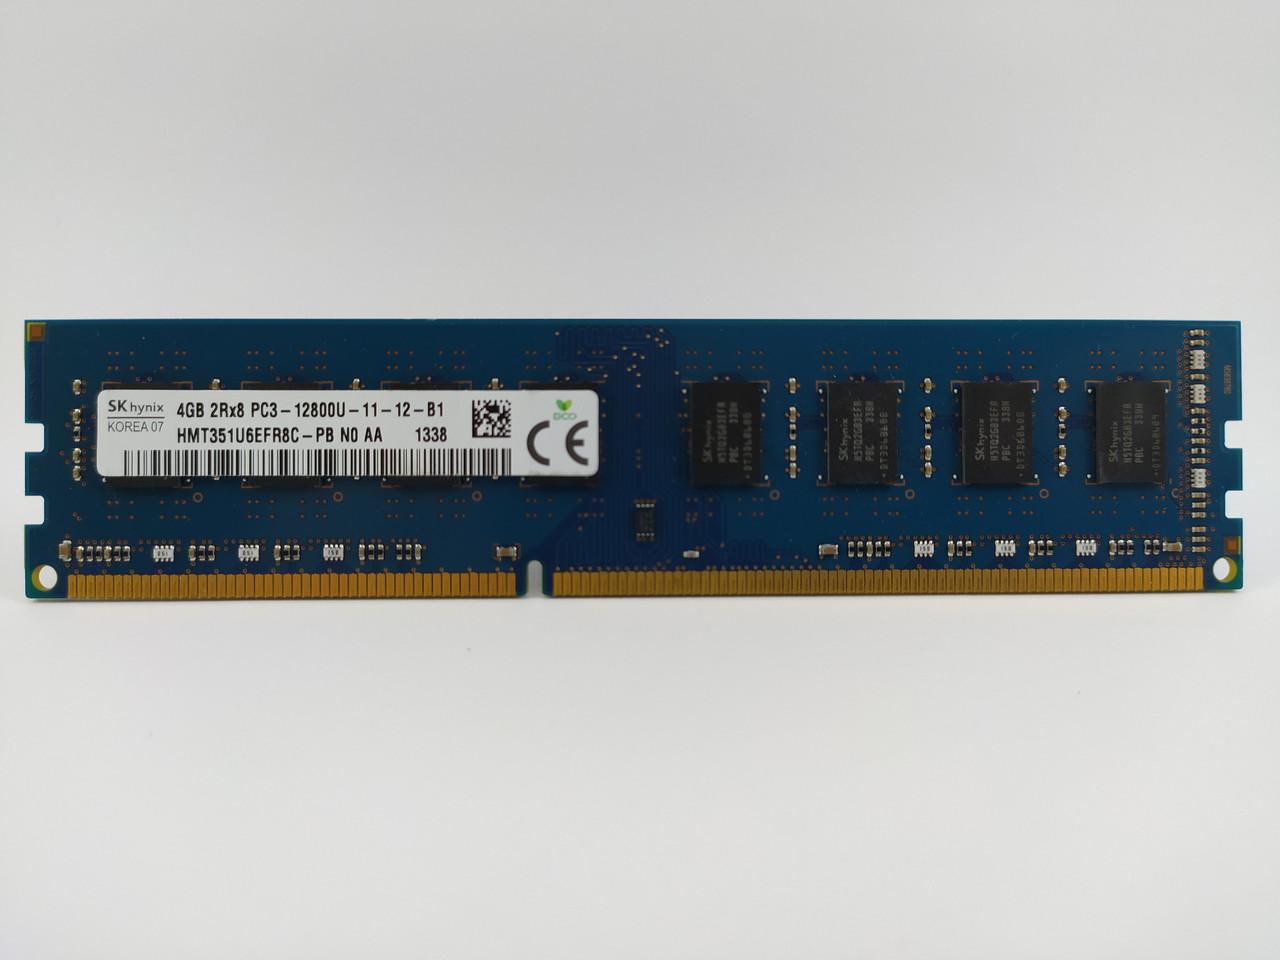 Оперативная память SK hynix DDR3 4Gb 1600MHz PC3-12800U (HMT351U6EFR8C-PB) Б/У